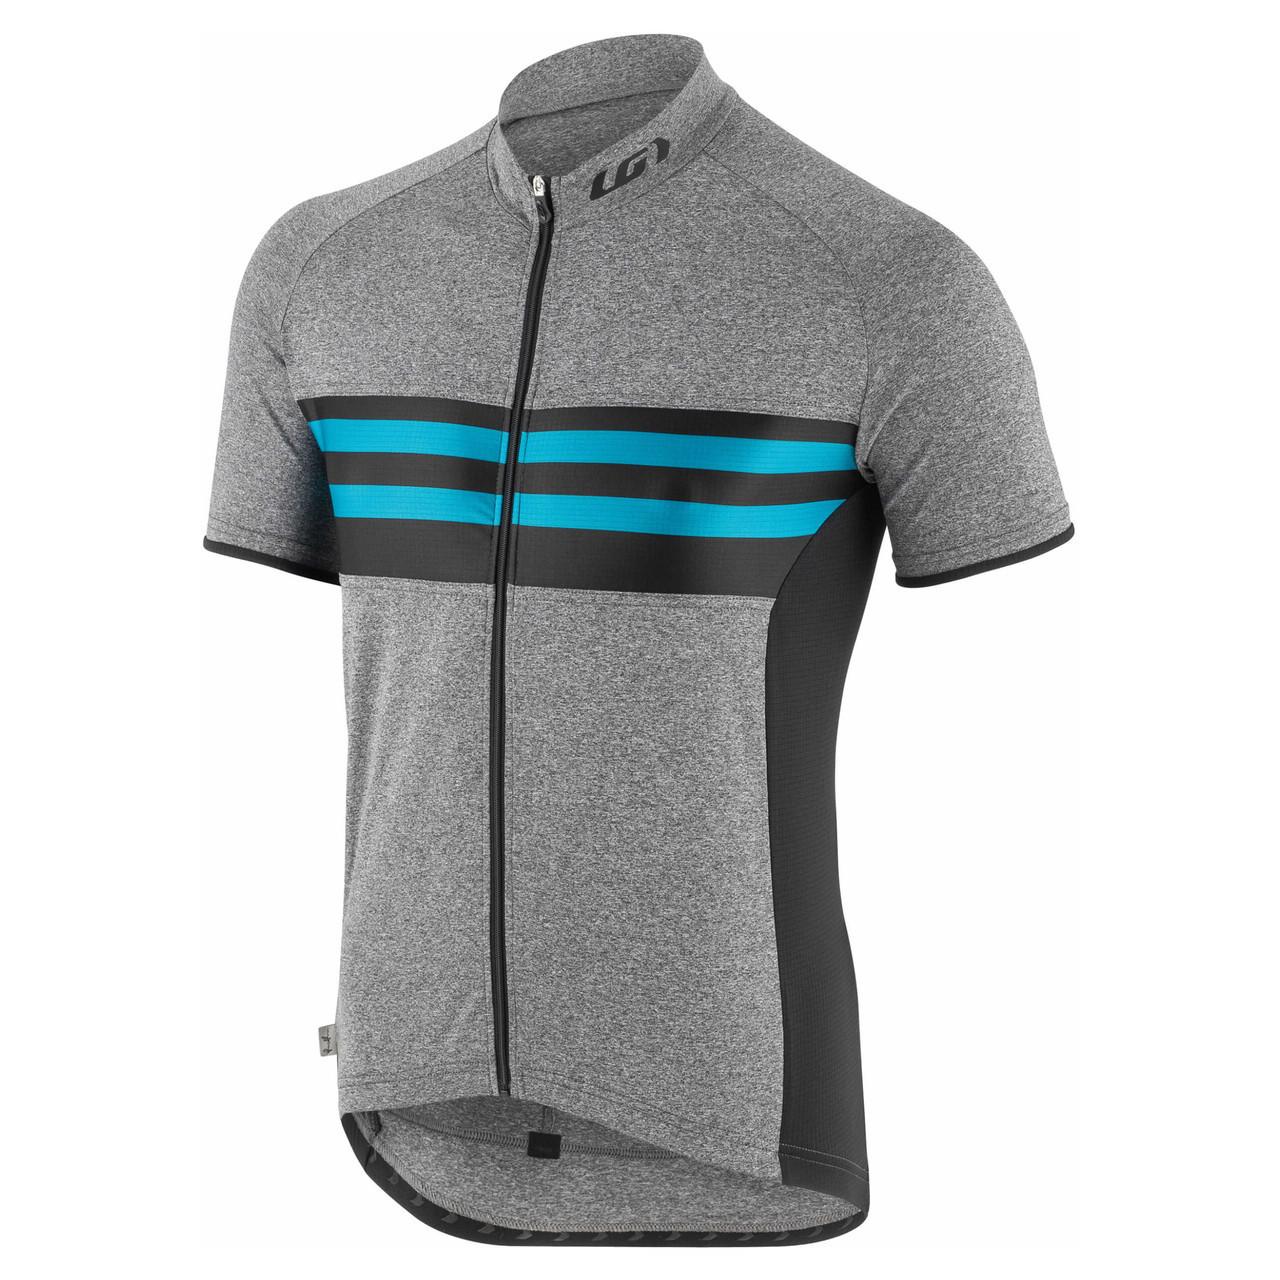 Louis Garneau Men's Classic Cycling Jersey - 2019 price